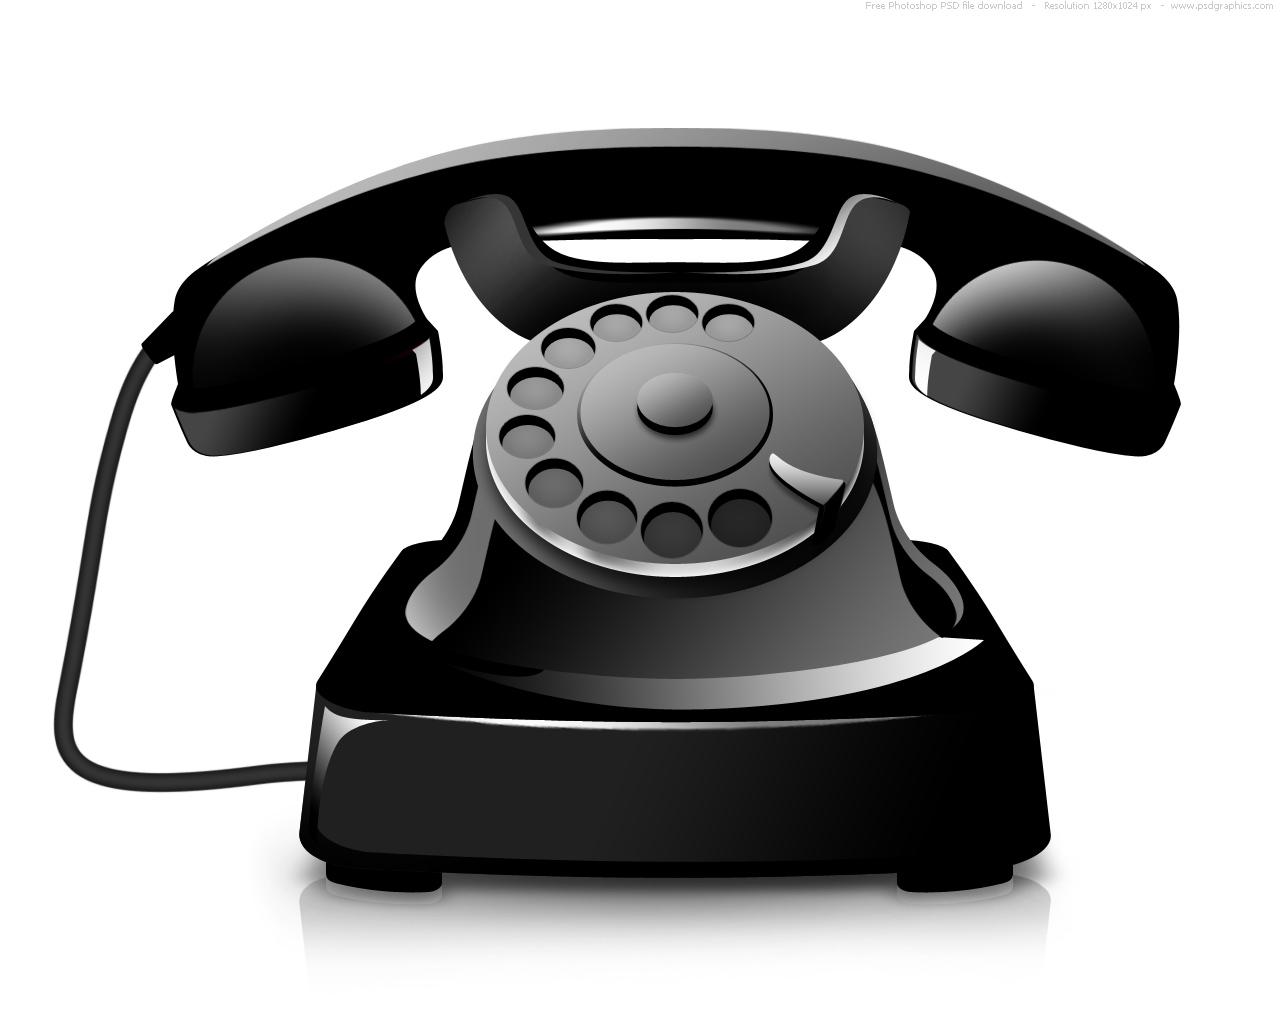 20130106-ithistory-telephone